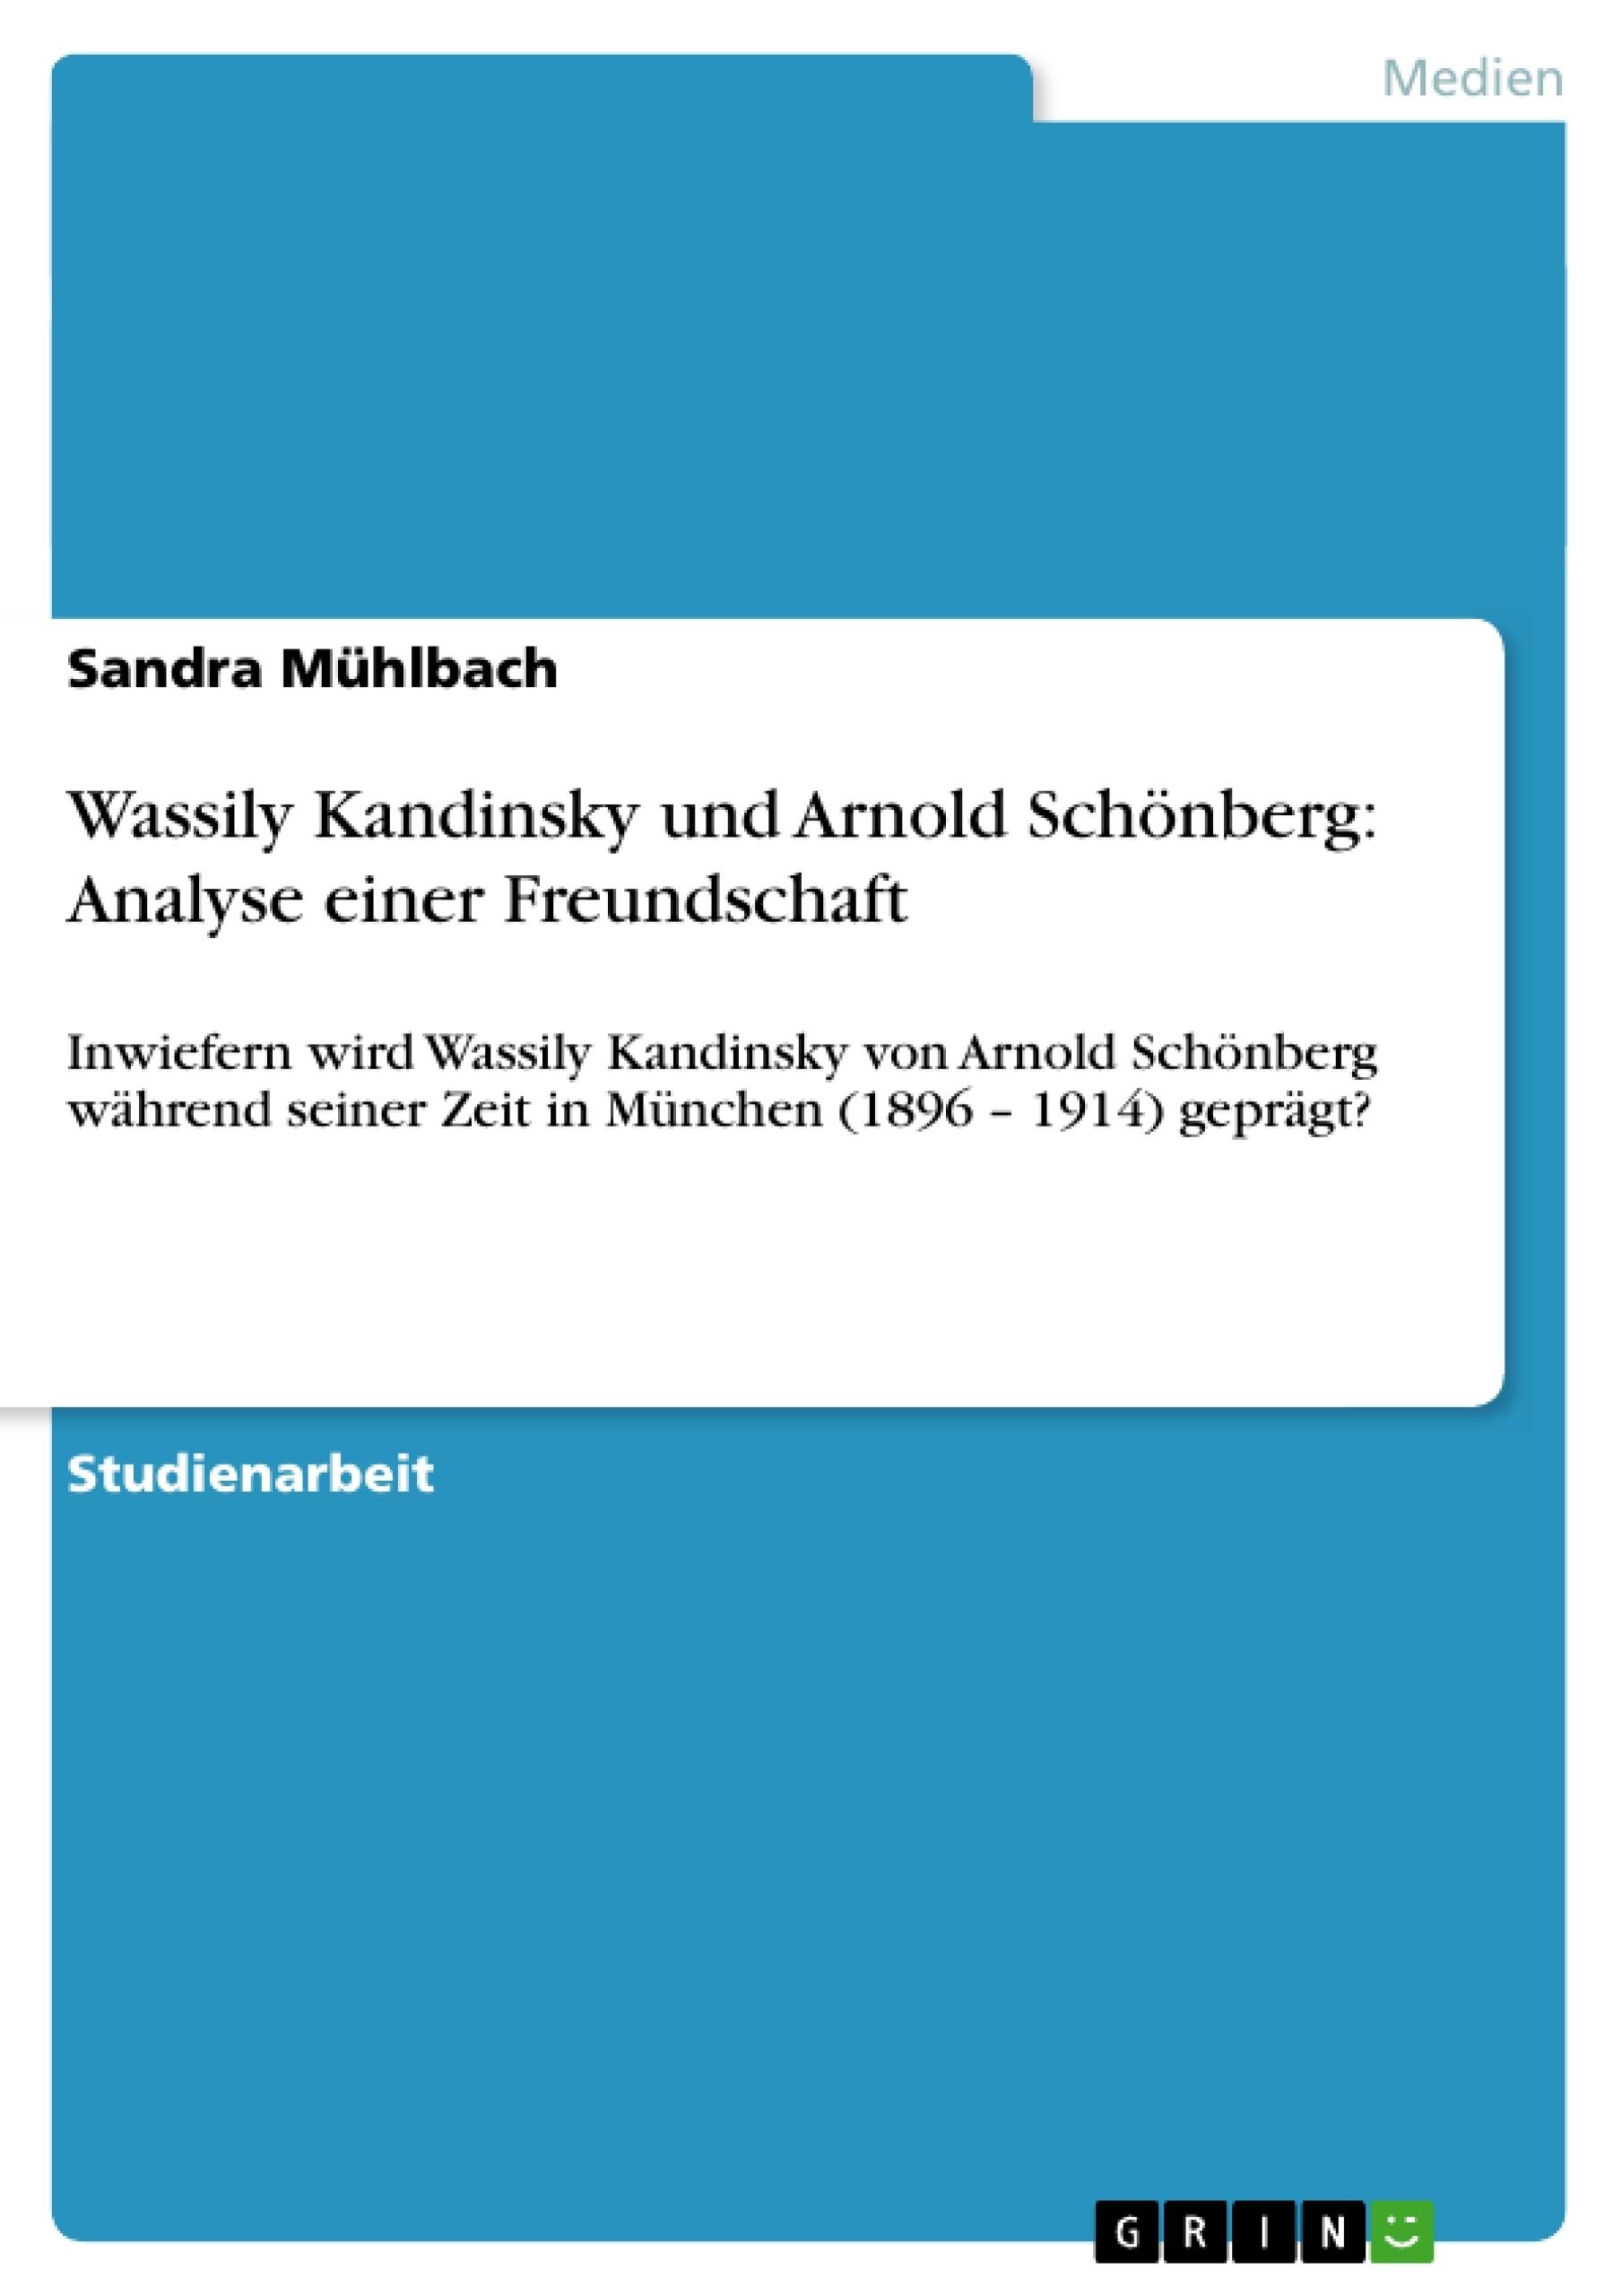 Titel: Wassily Kandinsky und Arnold Schönberg: Analyse einer Freundschaft